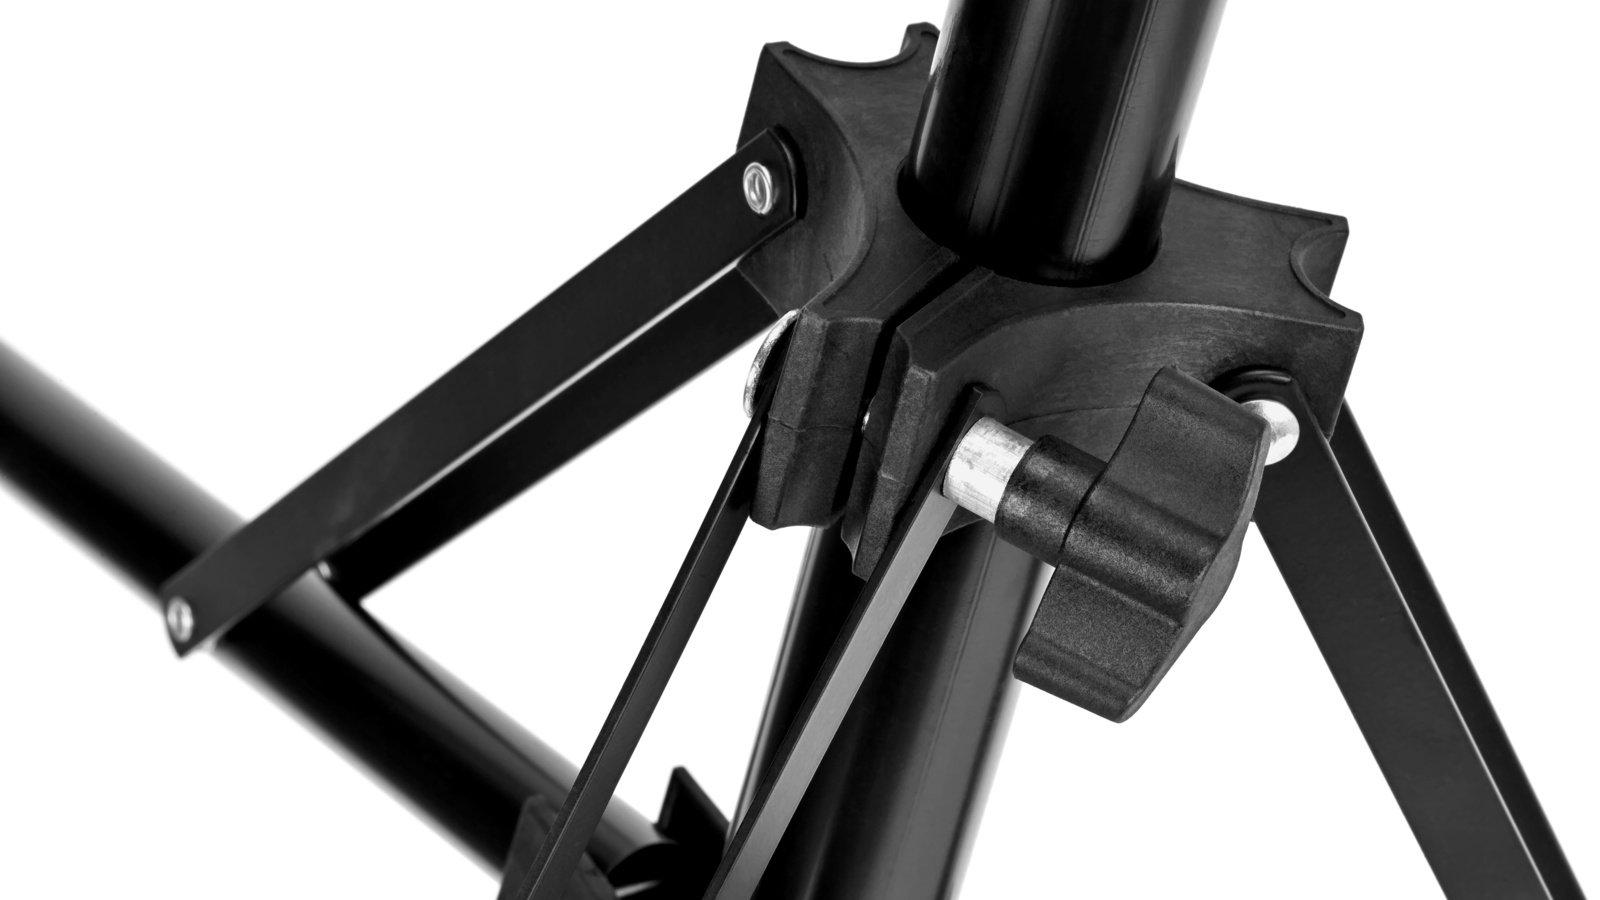 Die Beine werden über einen Kunststoffverschluss zuverlässig in Position gehalten.